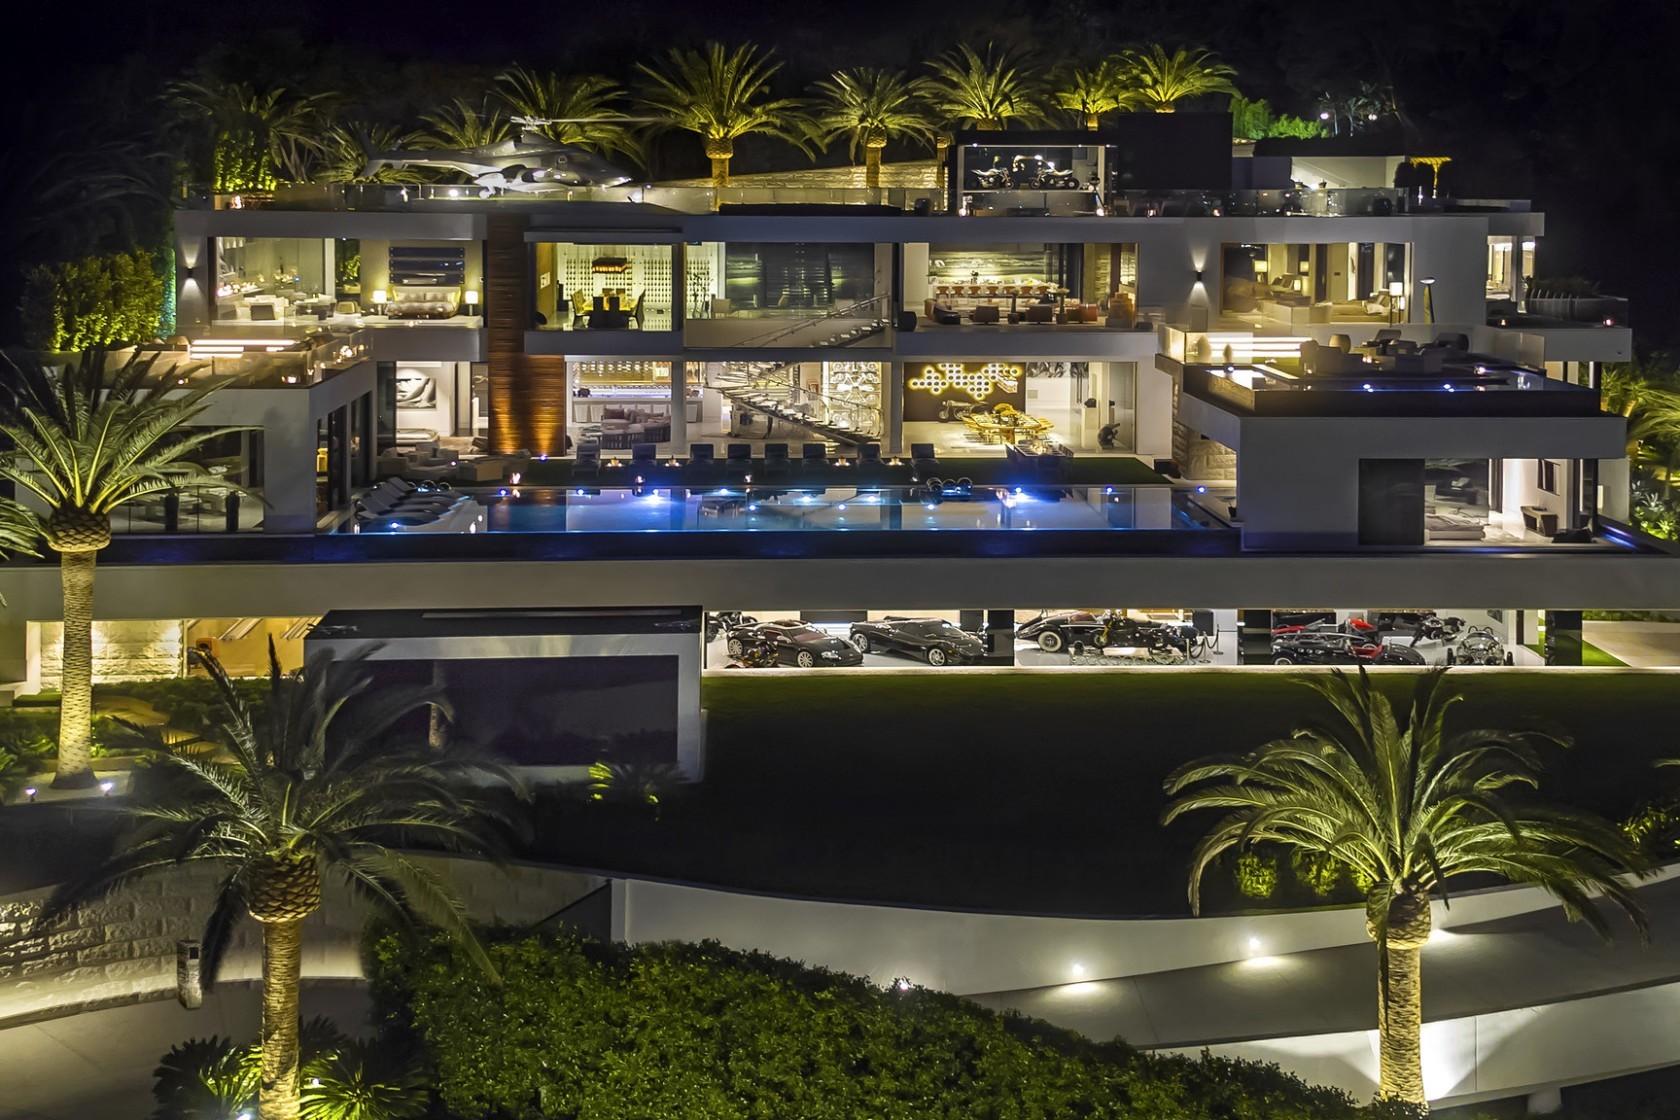 Traumhaus in Bel Air: Dieses $250 Millionen Dollar Anwesen wechselt für $94 Millionen den Besitzer 2